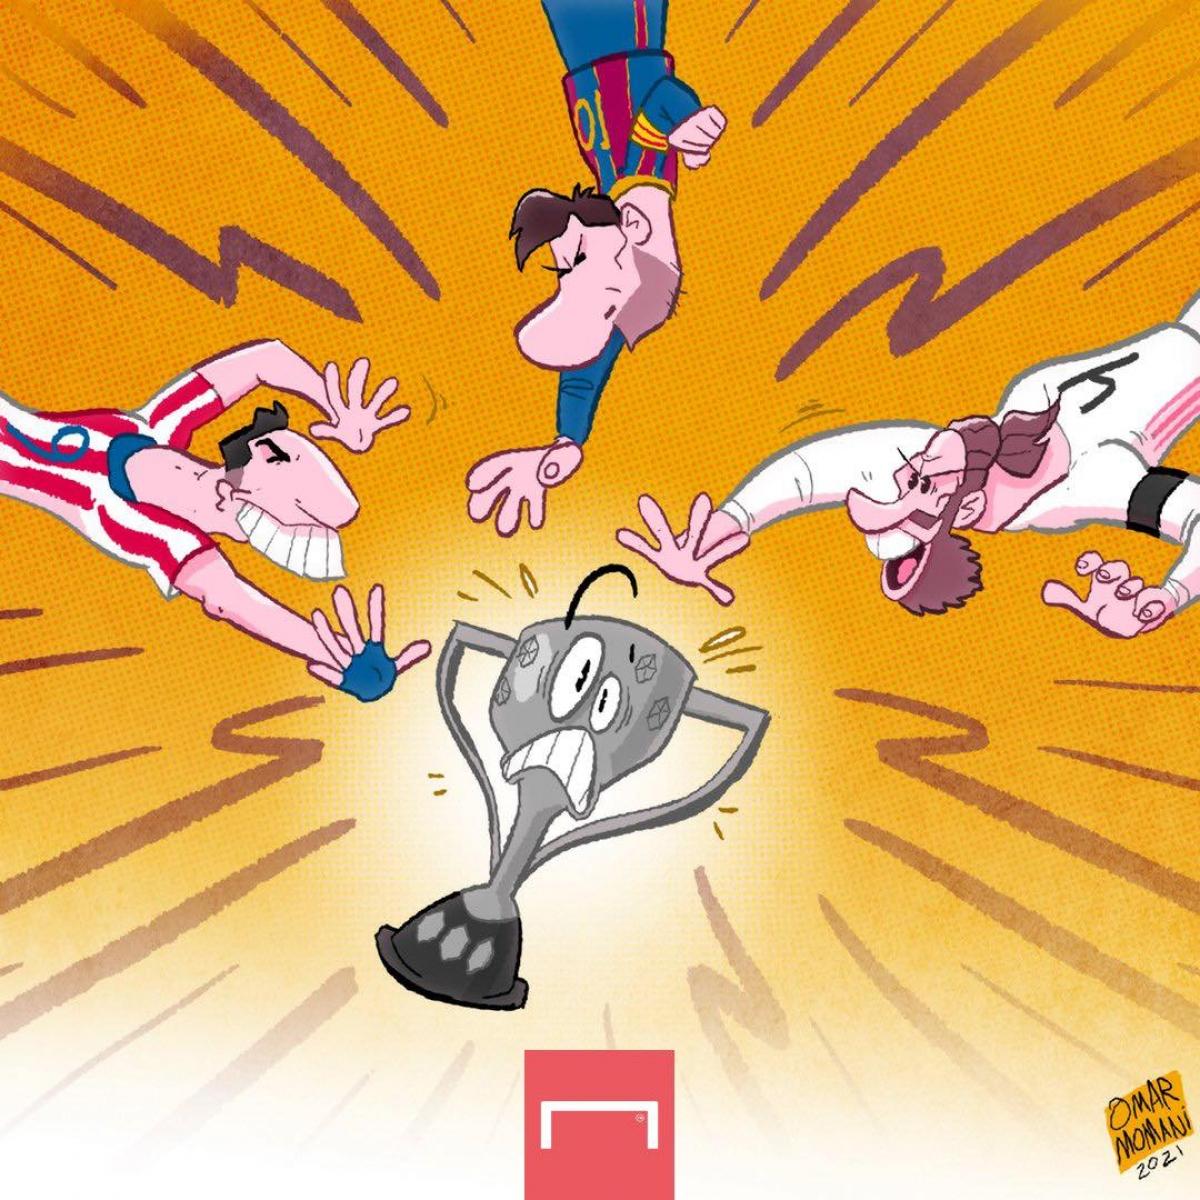 Cuộc đua tới chức vô địch La Liga đang diễn ra rất kịch tính.